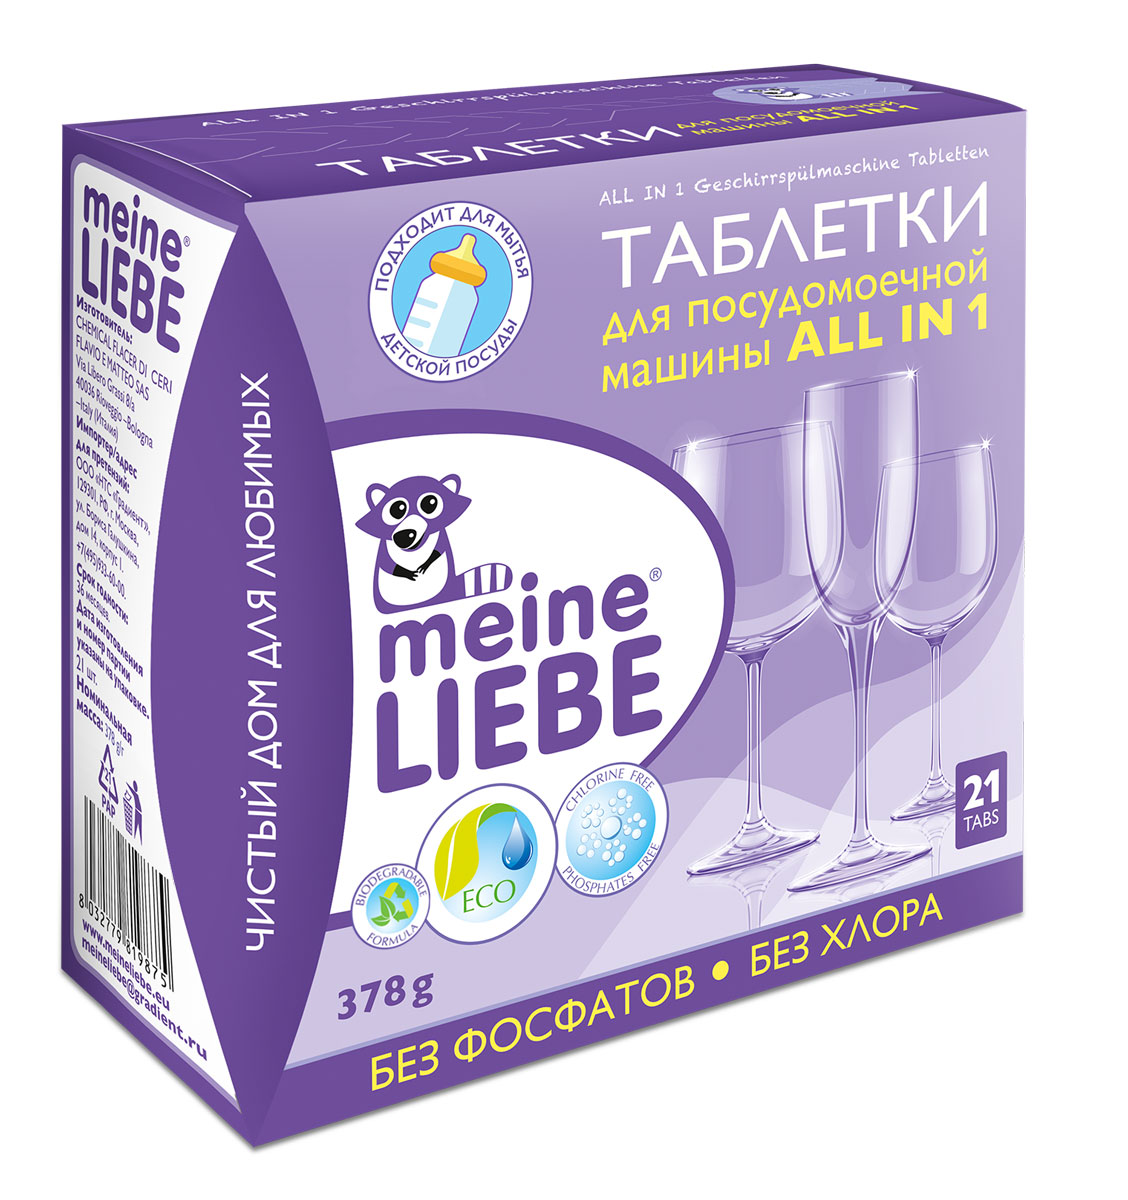 Таблетки для посудомоечной машины Meine Liebe All in 1, 21 штML32208Таблетки для мытья посуды в посудомоечной машине Meine Liebe All in 1 придадут вашей посуде чистоту, блеск, сияние и оставят приятный аромат после мытья. Специальные биологические ферменты и активные вещества на основе кислорода эффективно расщепляют остатки пищи, удаляют стойкие загрязнения. Средство надежно предупреждает образование известкового налета, способствуя более долговечной работе устройства. Обеспечивает деликатный уход и блеск изделиям из стекла и нержавеющей стали, предотвращает помутнение стекла.Не содержит фосфатов, хлора и агрессивных химикатов, обеспечивая бережное мытье посуды.Полностью растворяется в воде и легко выполаскивается. Подходит для коротких программ. Рекомендуемая температура мытья от 45°С до 70°С. Состав: 5-15% отбеливатели на основе кислорода, поликарбоксилаты, Товар сертифицирован.Уважаемые клиенты! Обращаем ваше внимание на то, что упаковка может иметь несколько видов дизайна. Поставка осуществляется в зависимости от наличия на складе.Как выбрать качественную бытовую химию, безопасную для природы и людей. Статья OZON Гид